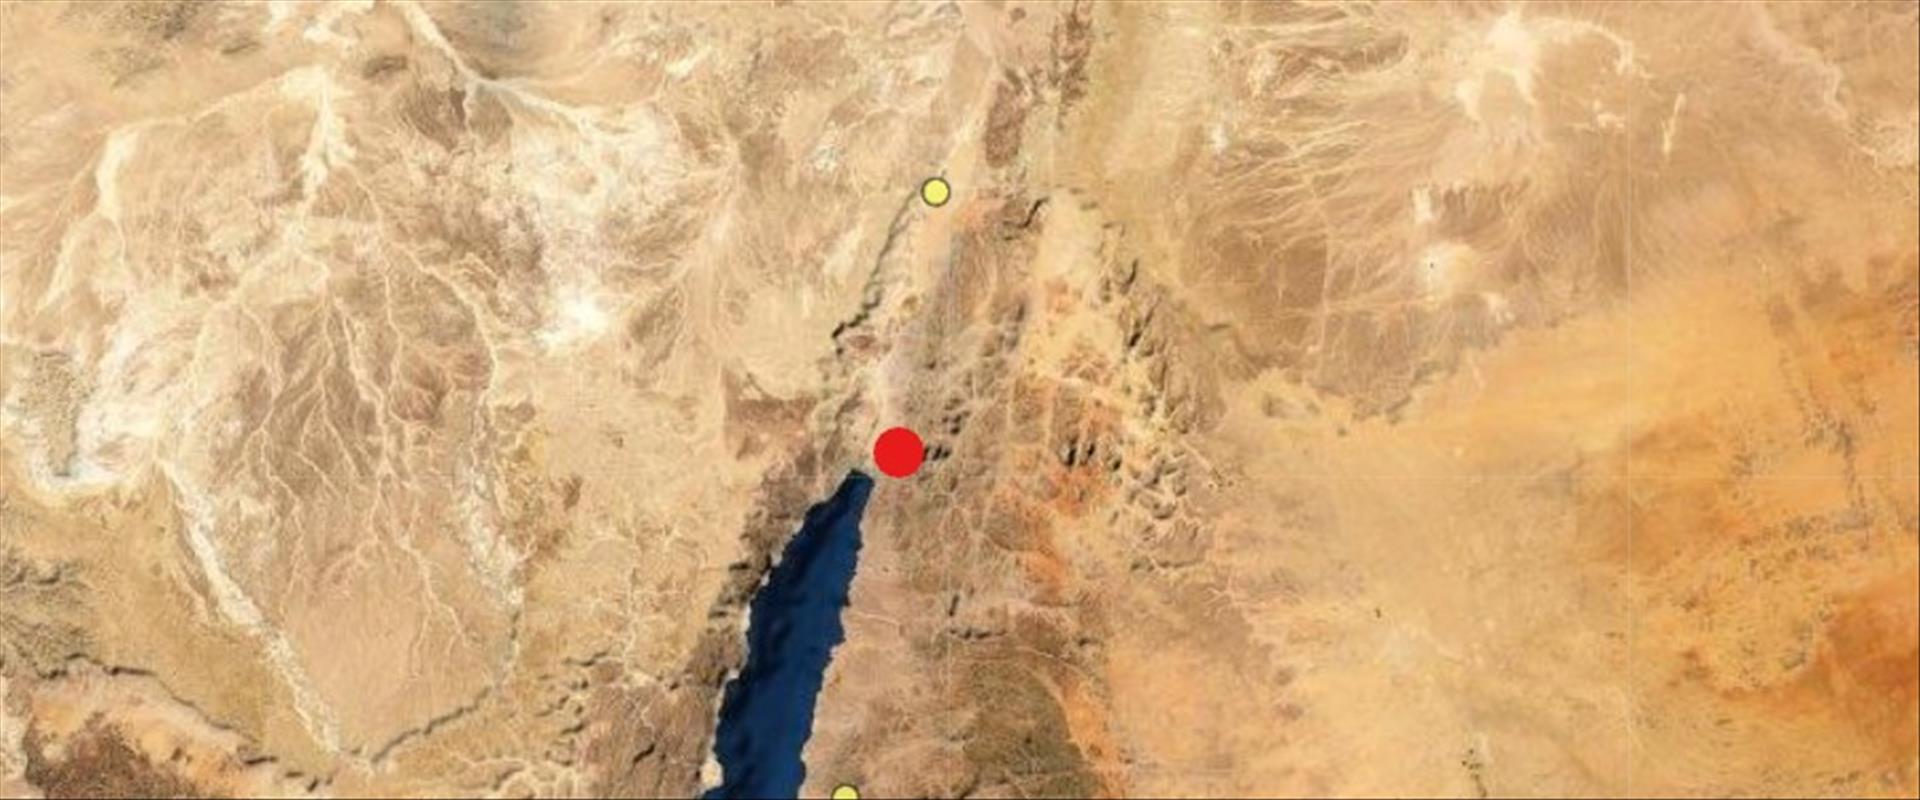 רעידת אדמה בעקבה שהורגשה באילת, 15.12.2020